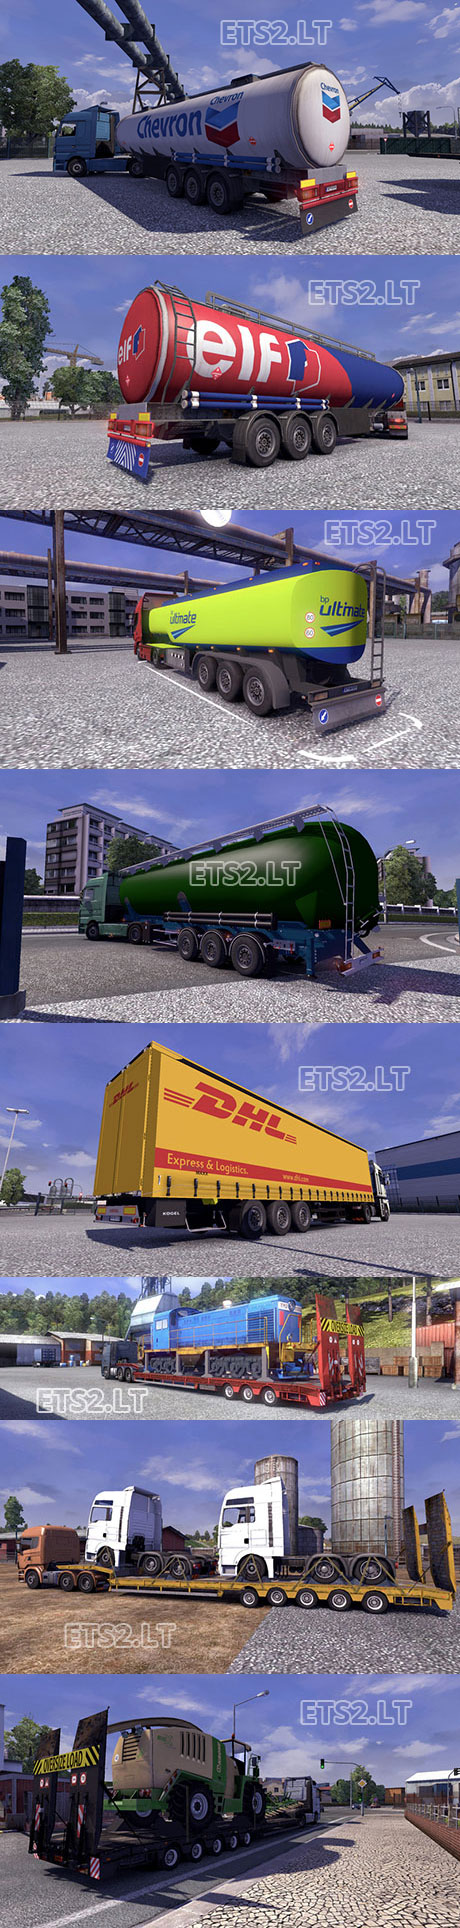 Trailers-Mod-Pack-v-2.0-